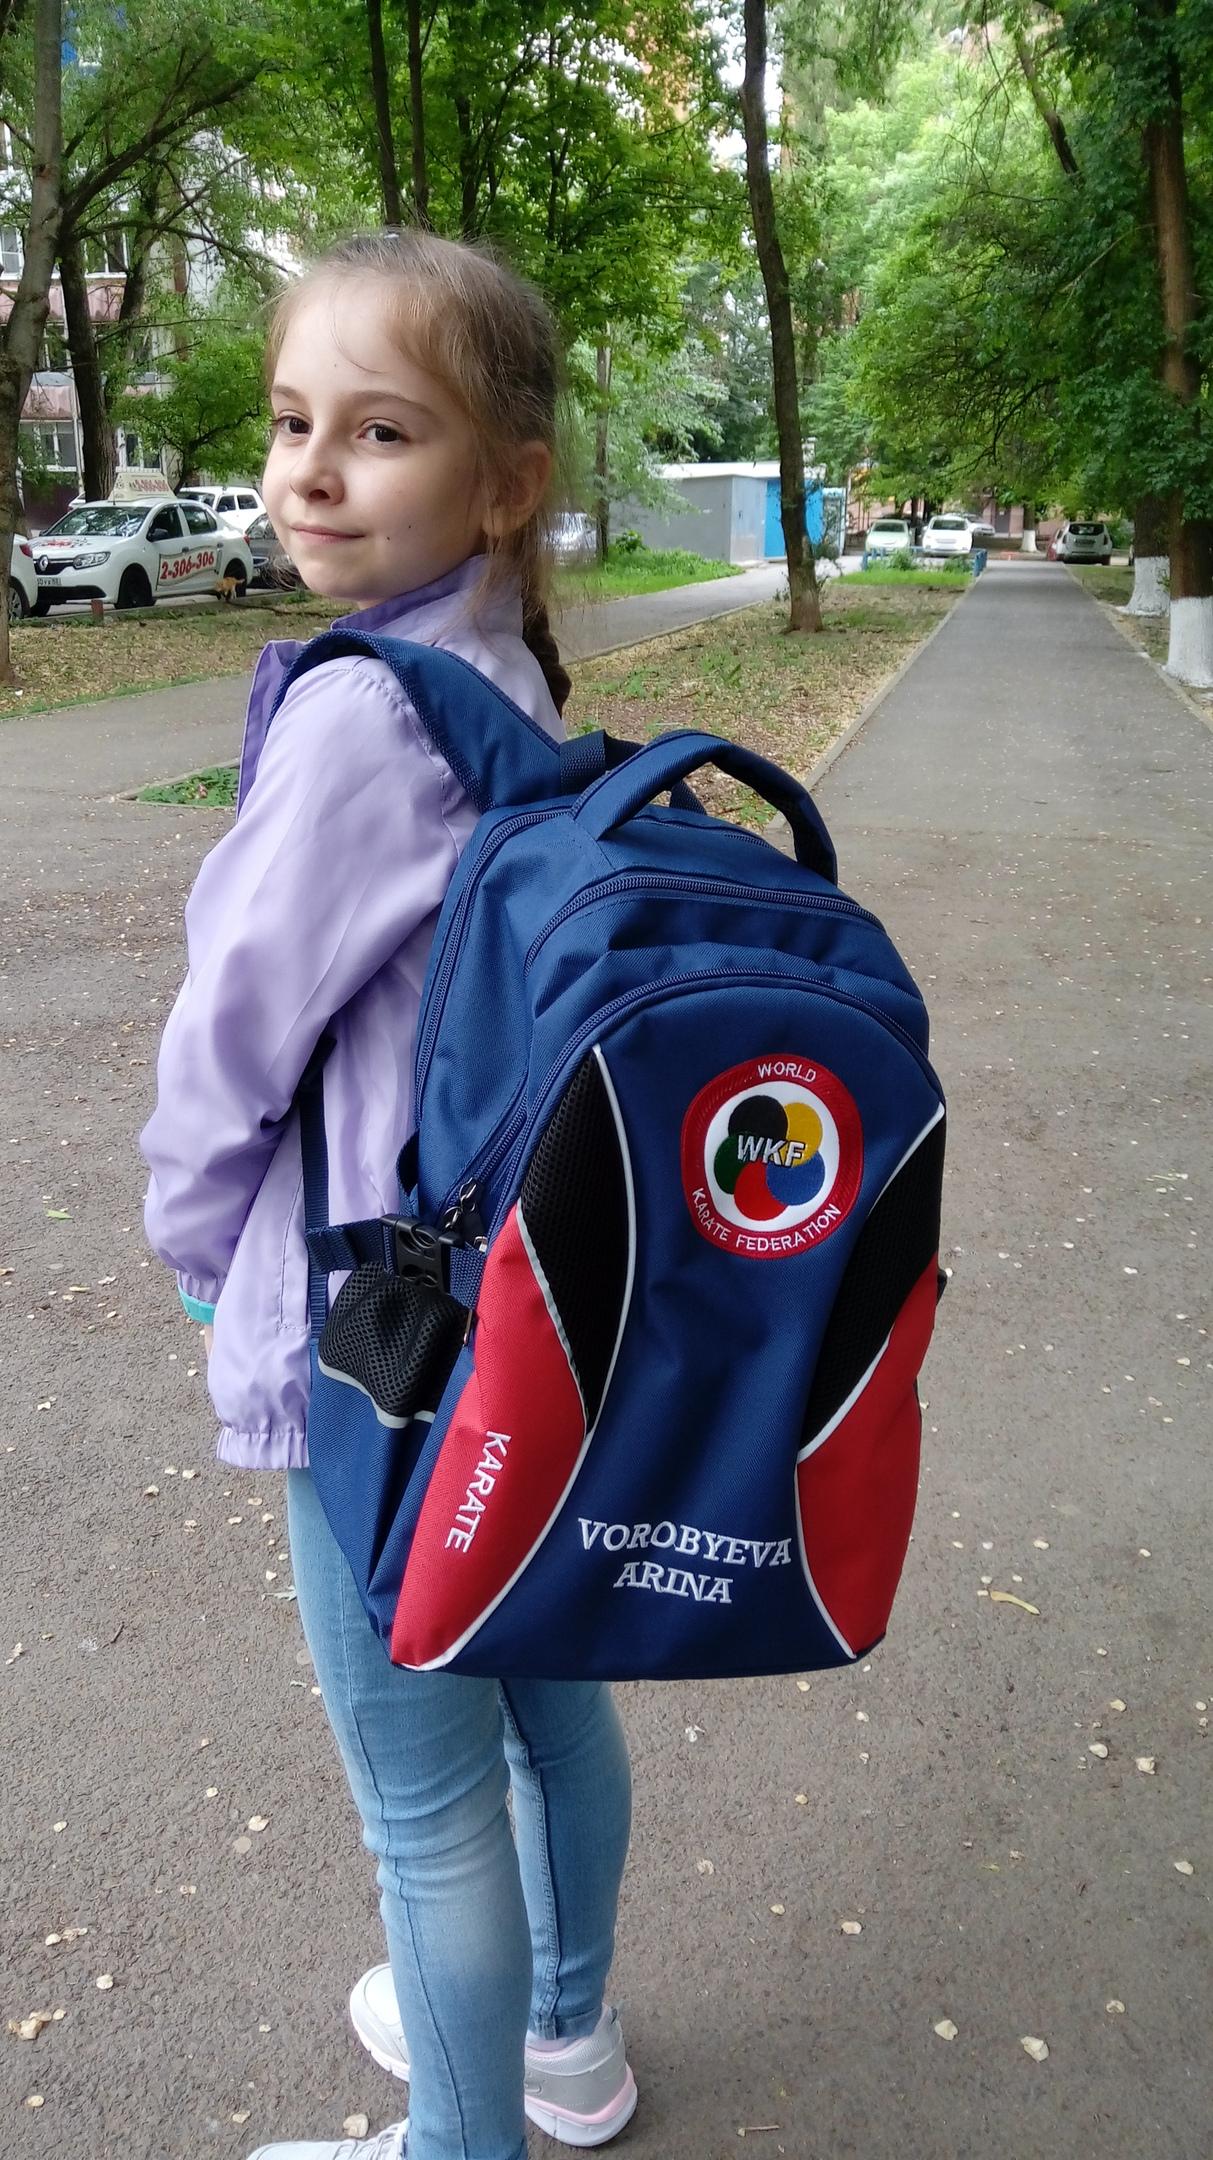 Рюкзак замечательный!